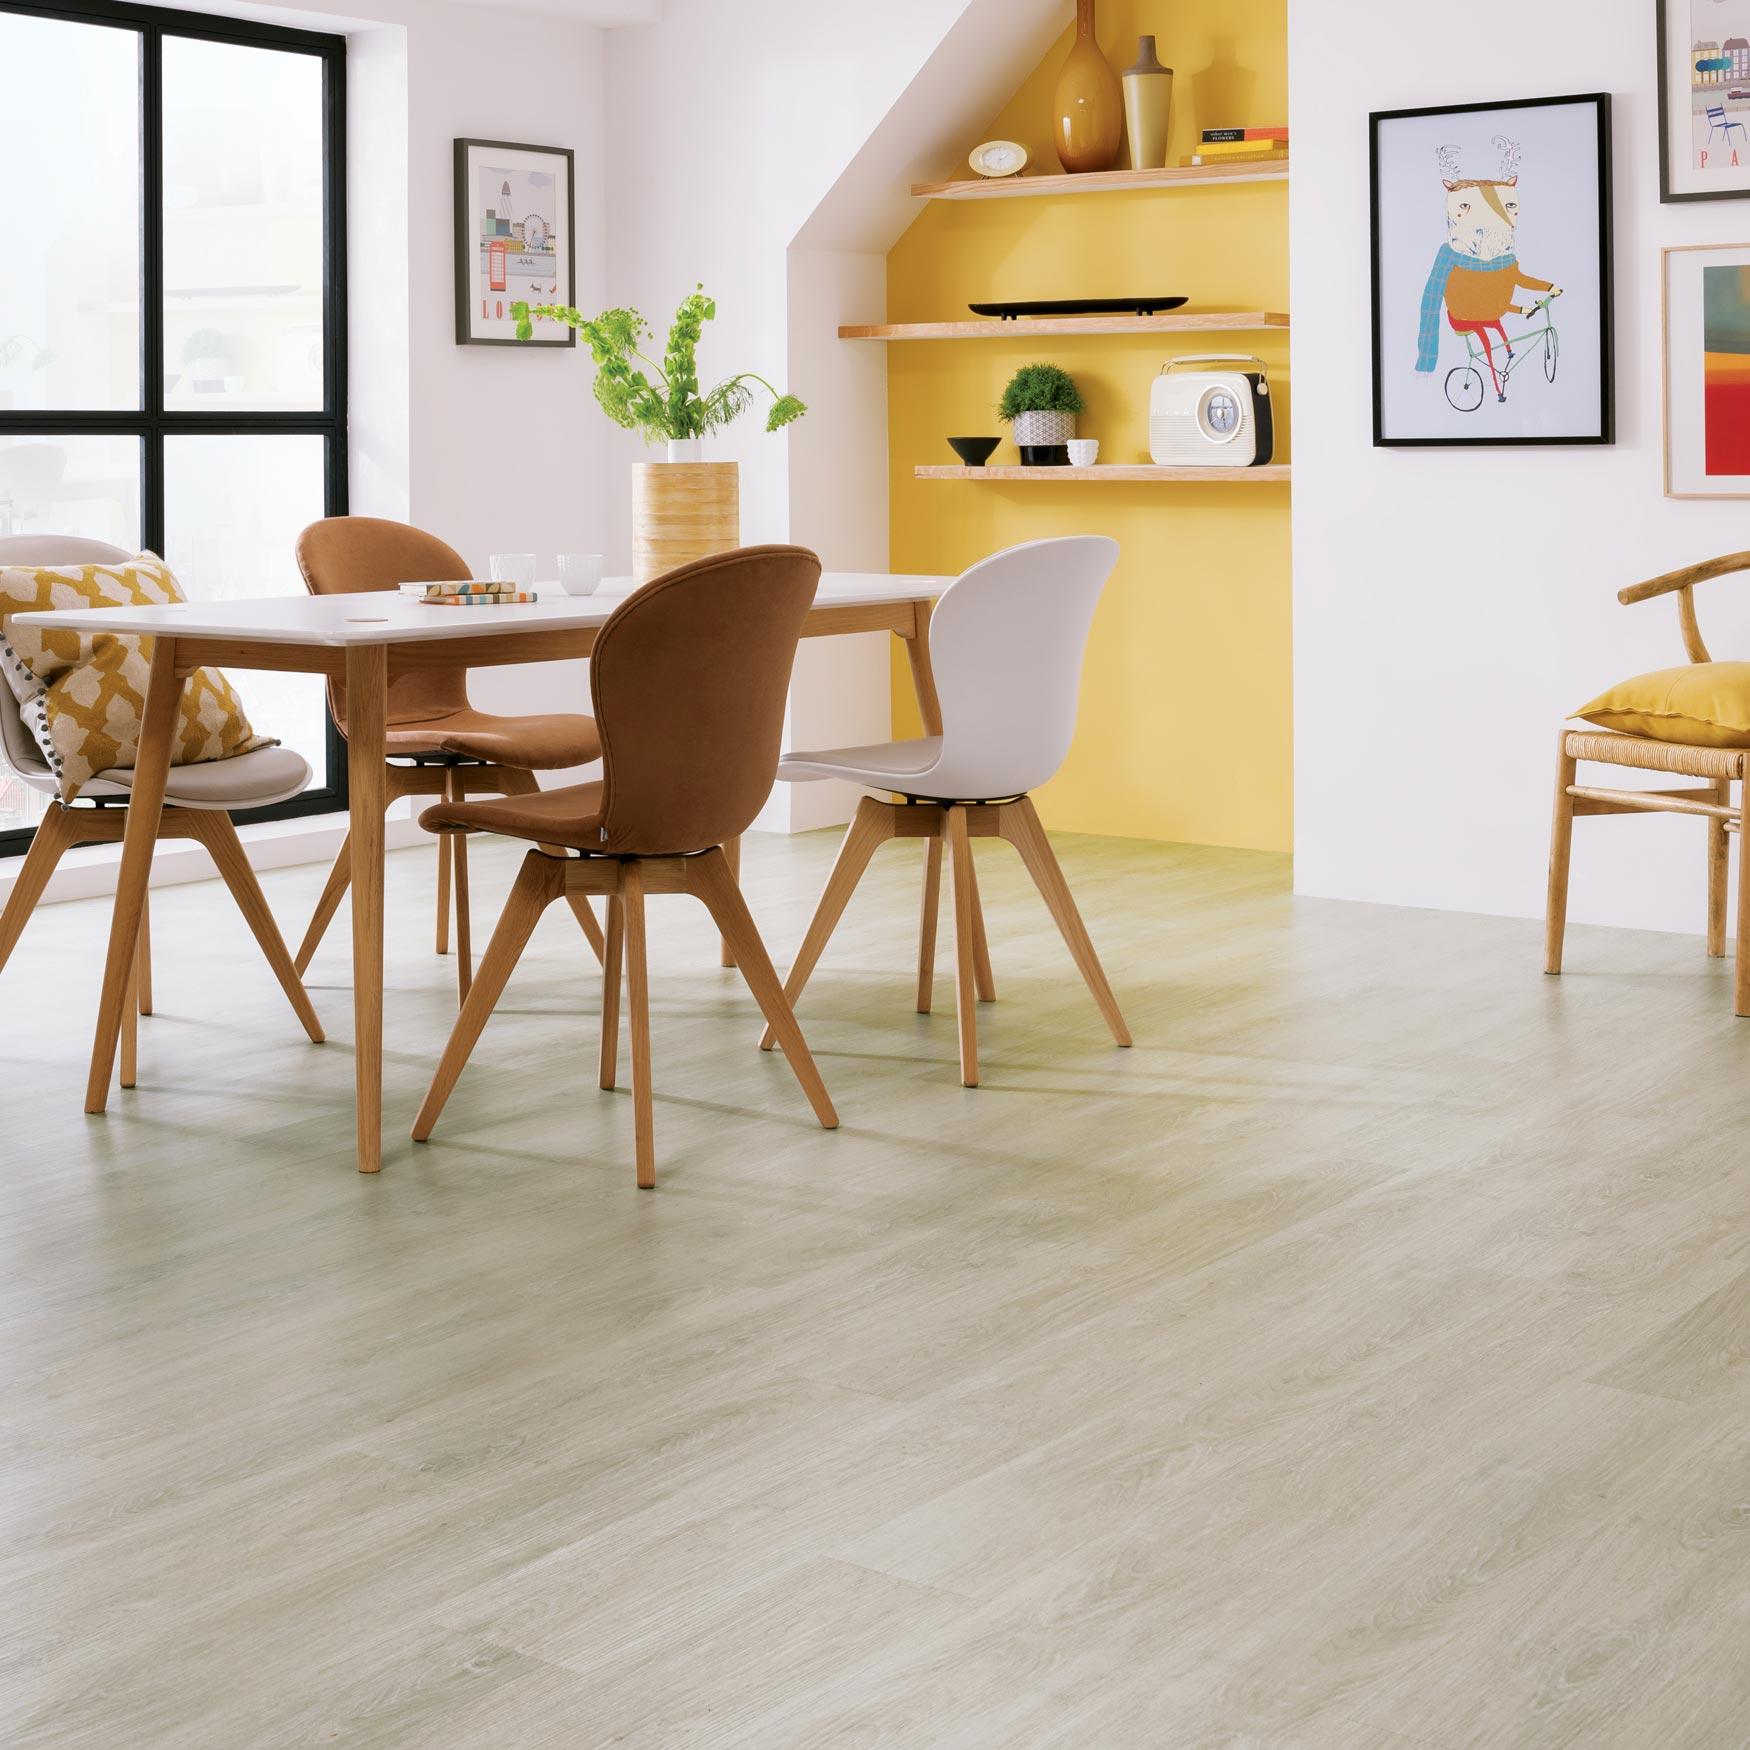 Karndean Kitchen Flooring Karndean Palio Sorano Cp4508 Clic Vinyl Plank Factory Direct